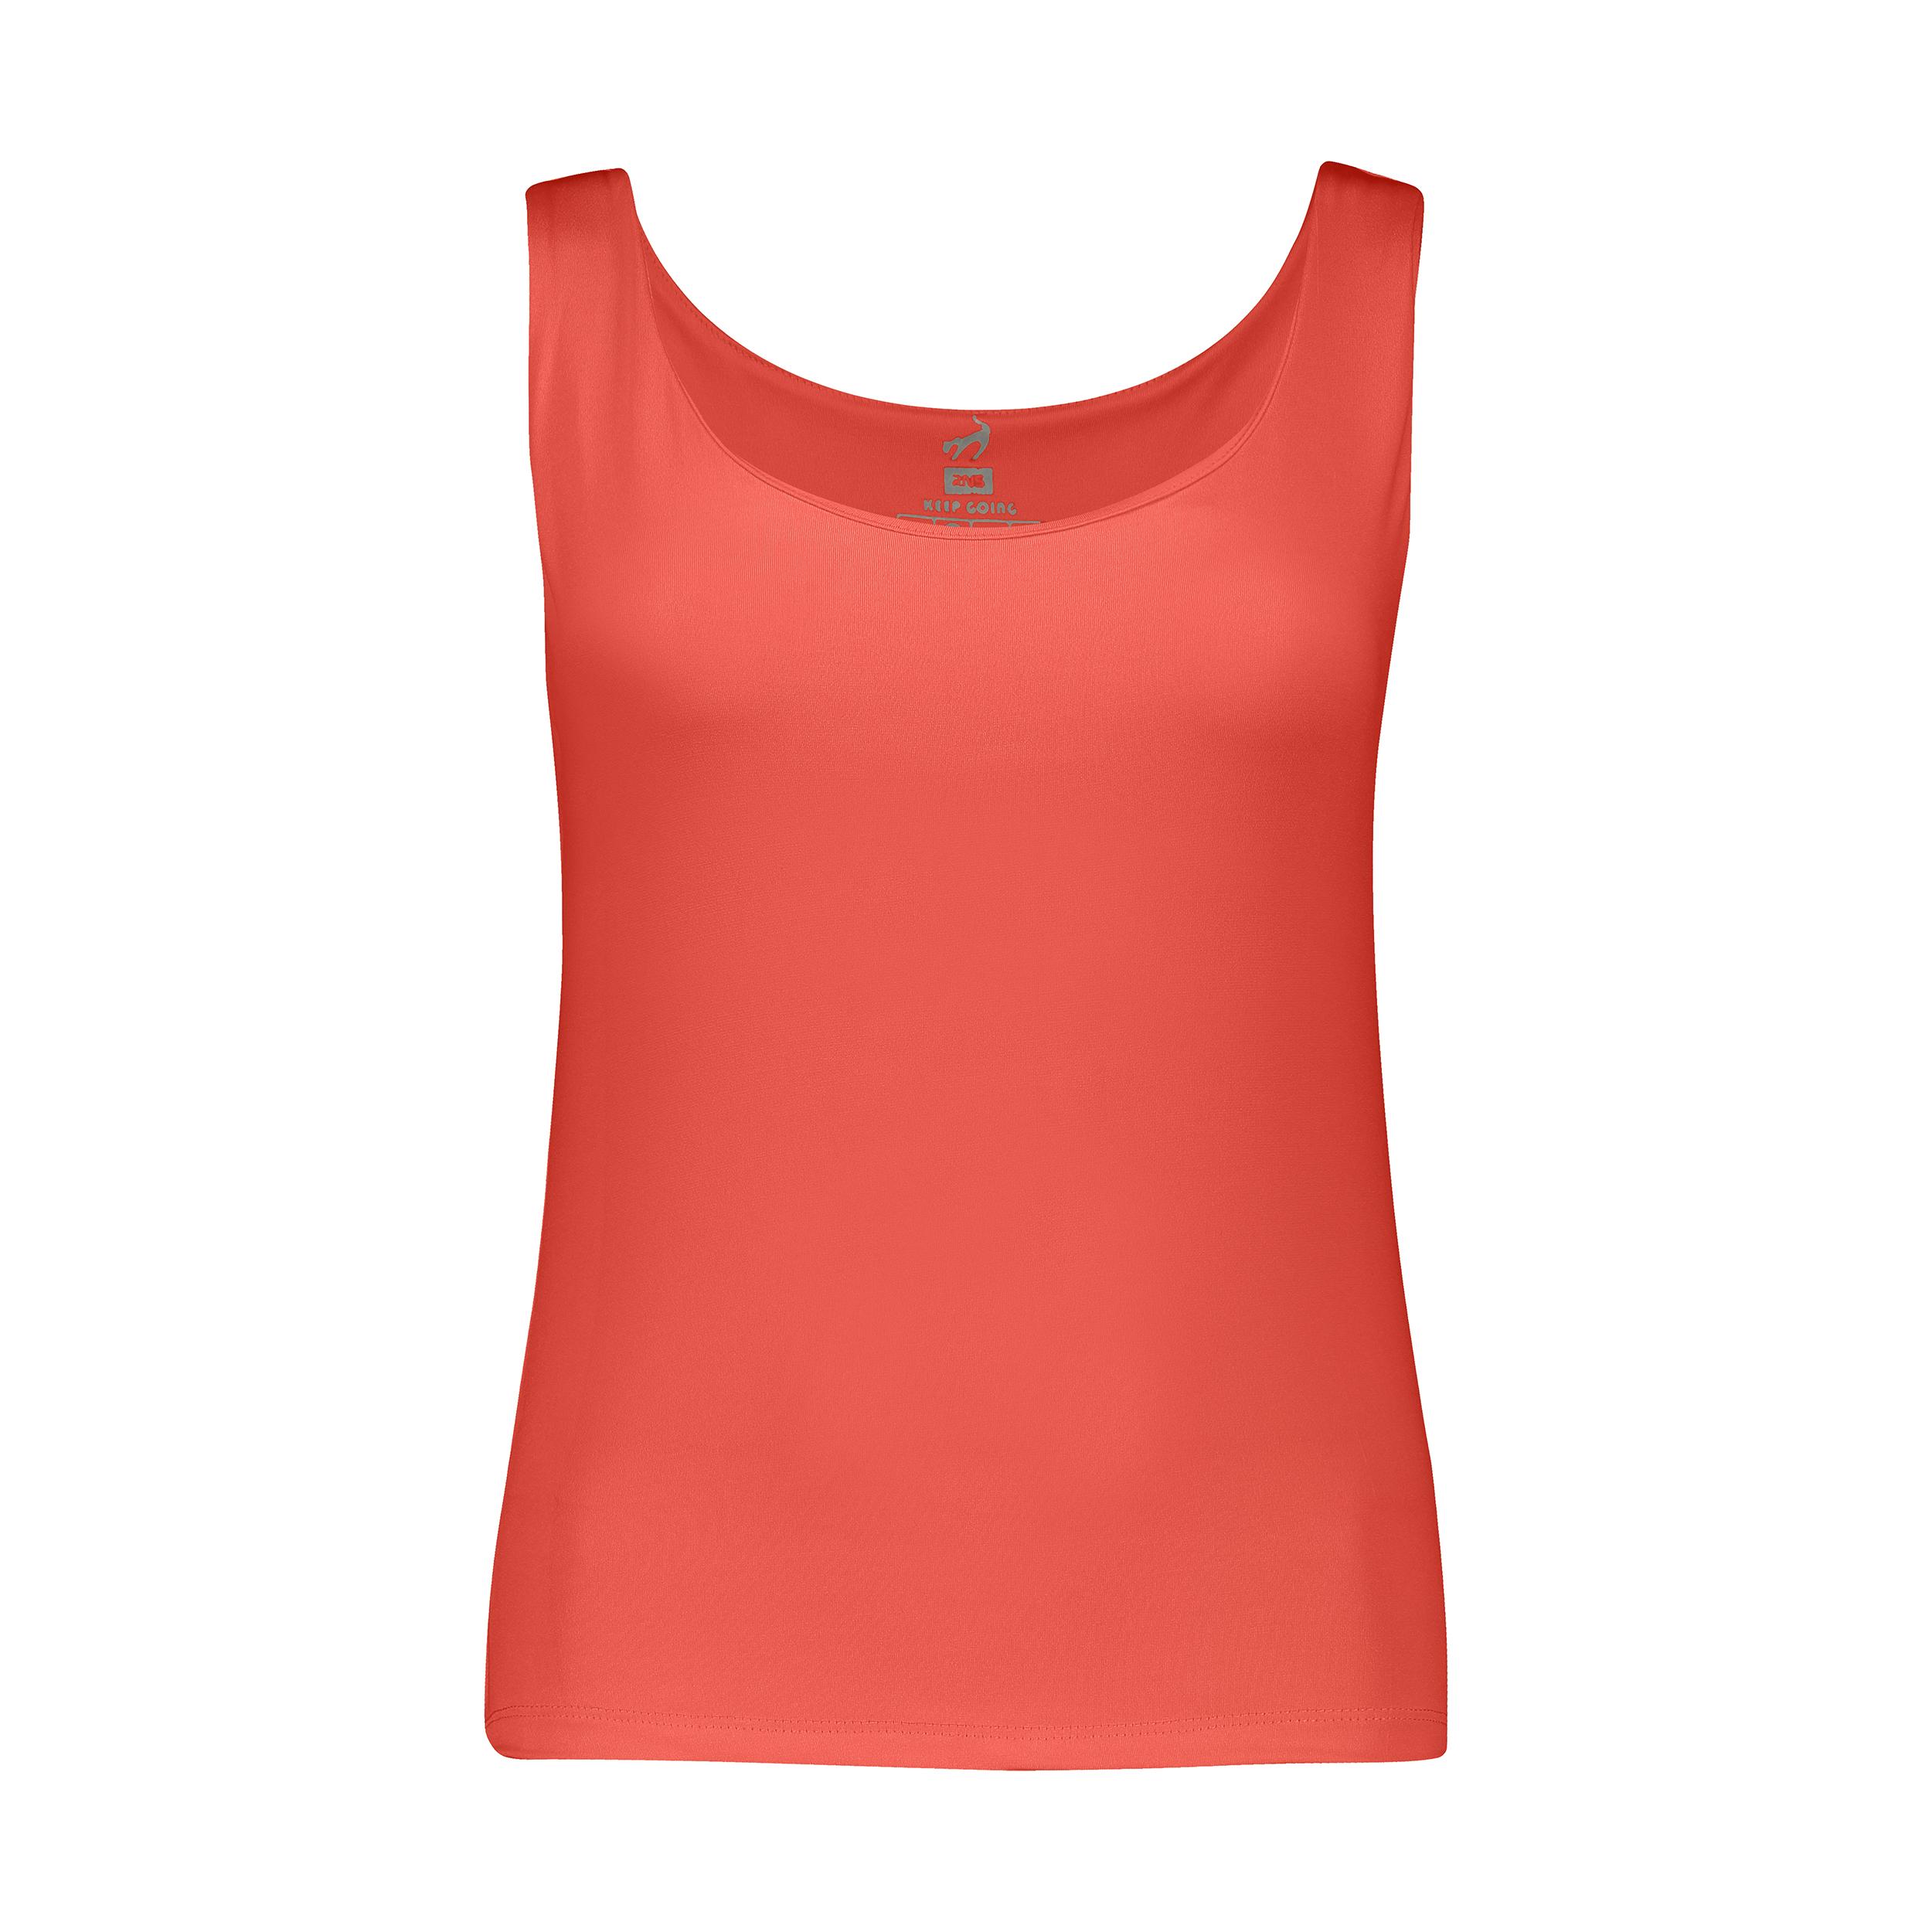 تاپ ورزشی زنانه آر ان اس مدل 201026-23